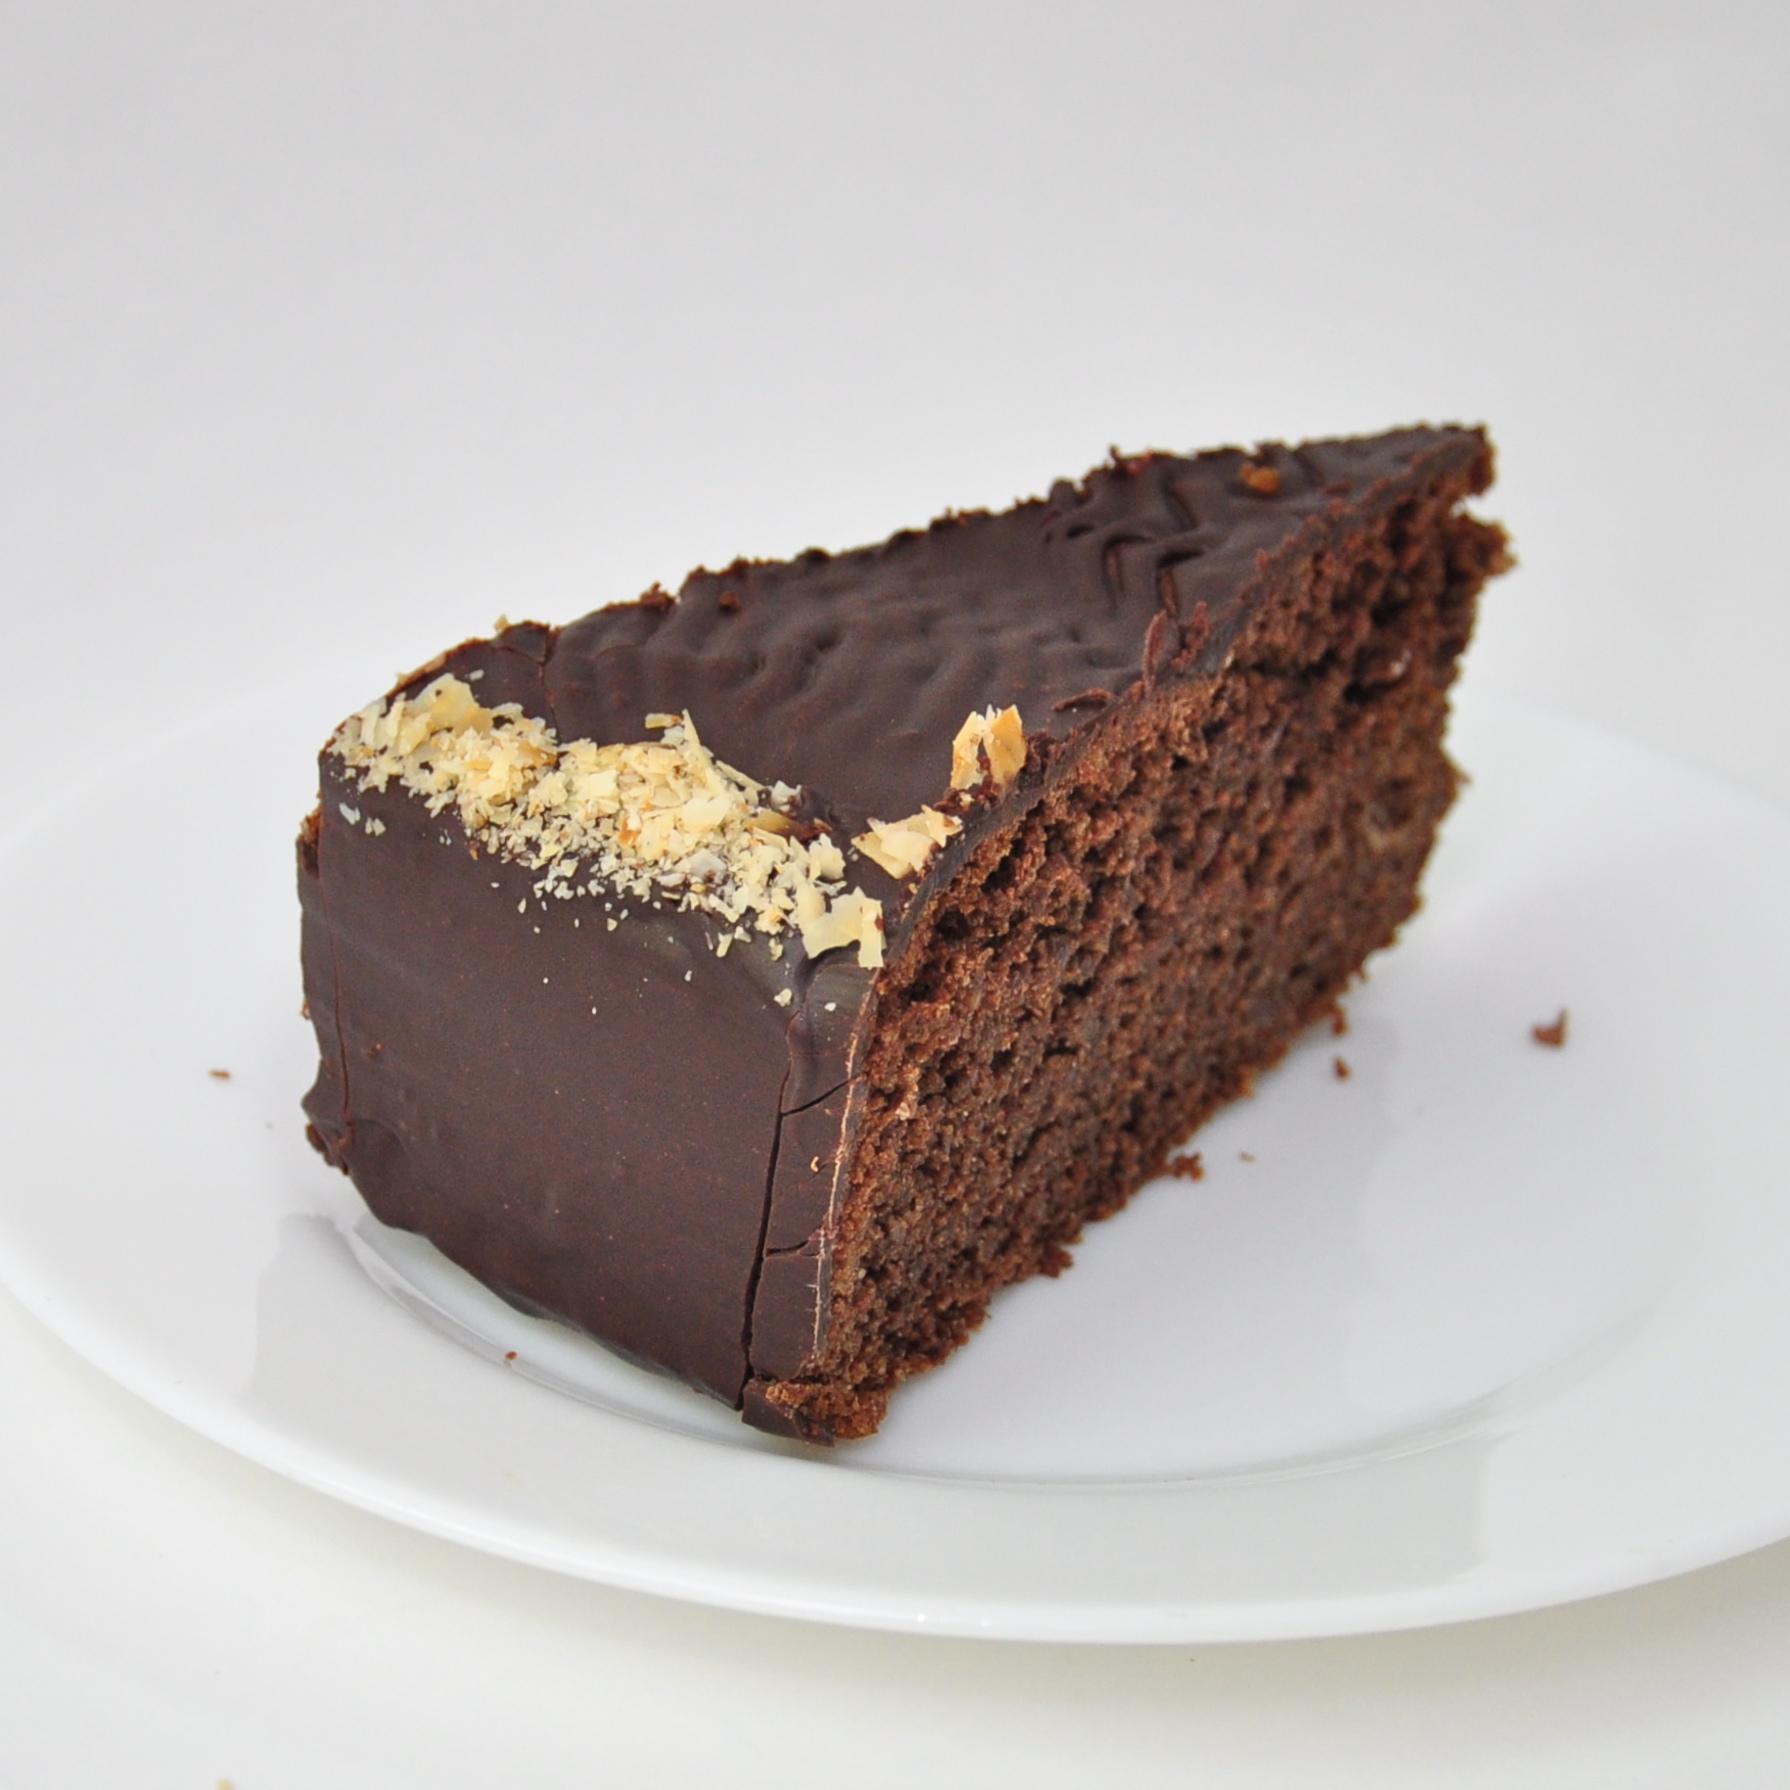 Eis-Voh-glutenfrei-Kuchen-Schokoladenkuchen